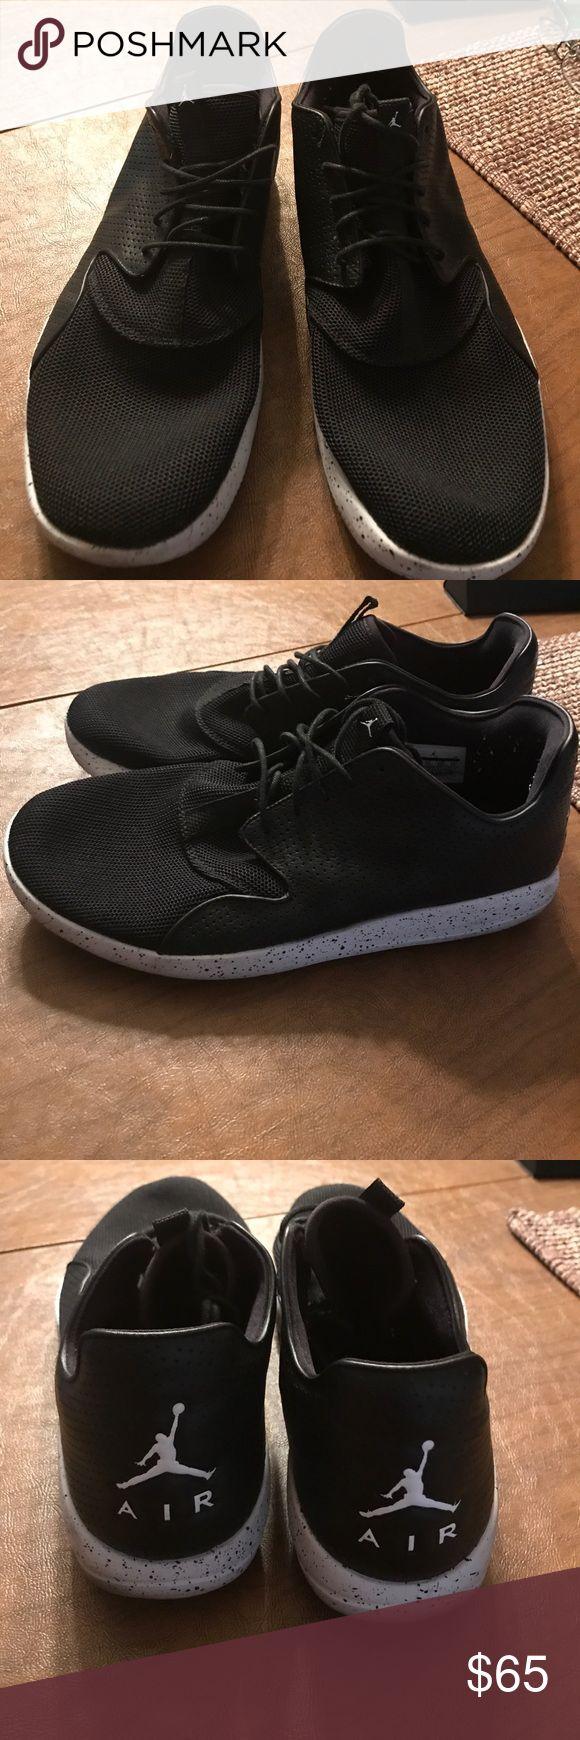 Jordan Tennis Shoes, Men's, Size 12, Jordan, Tennis Shoes, Size 12, great condition. Jordan Shoes Sneakers